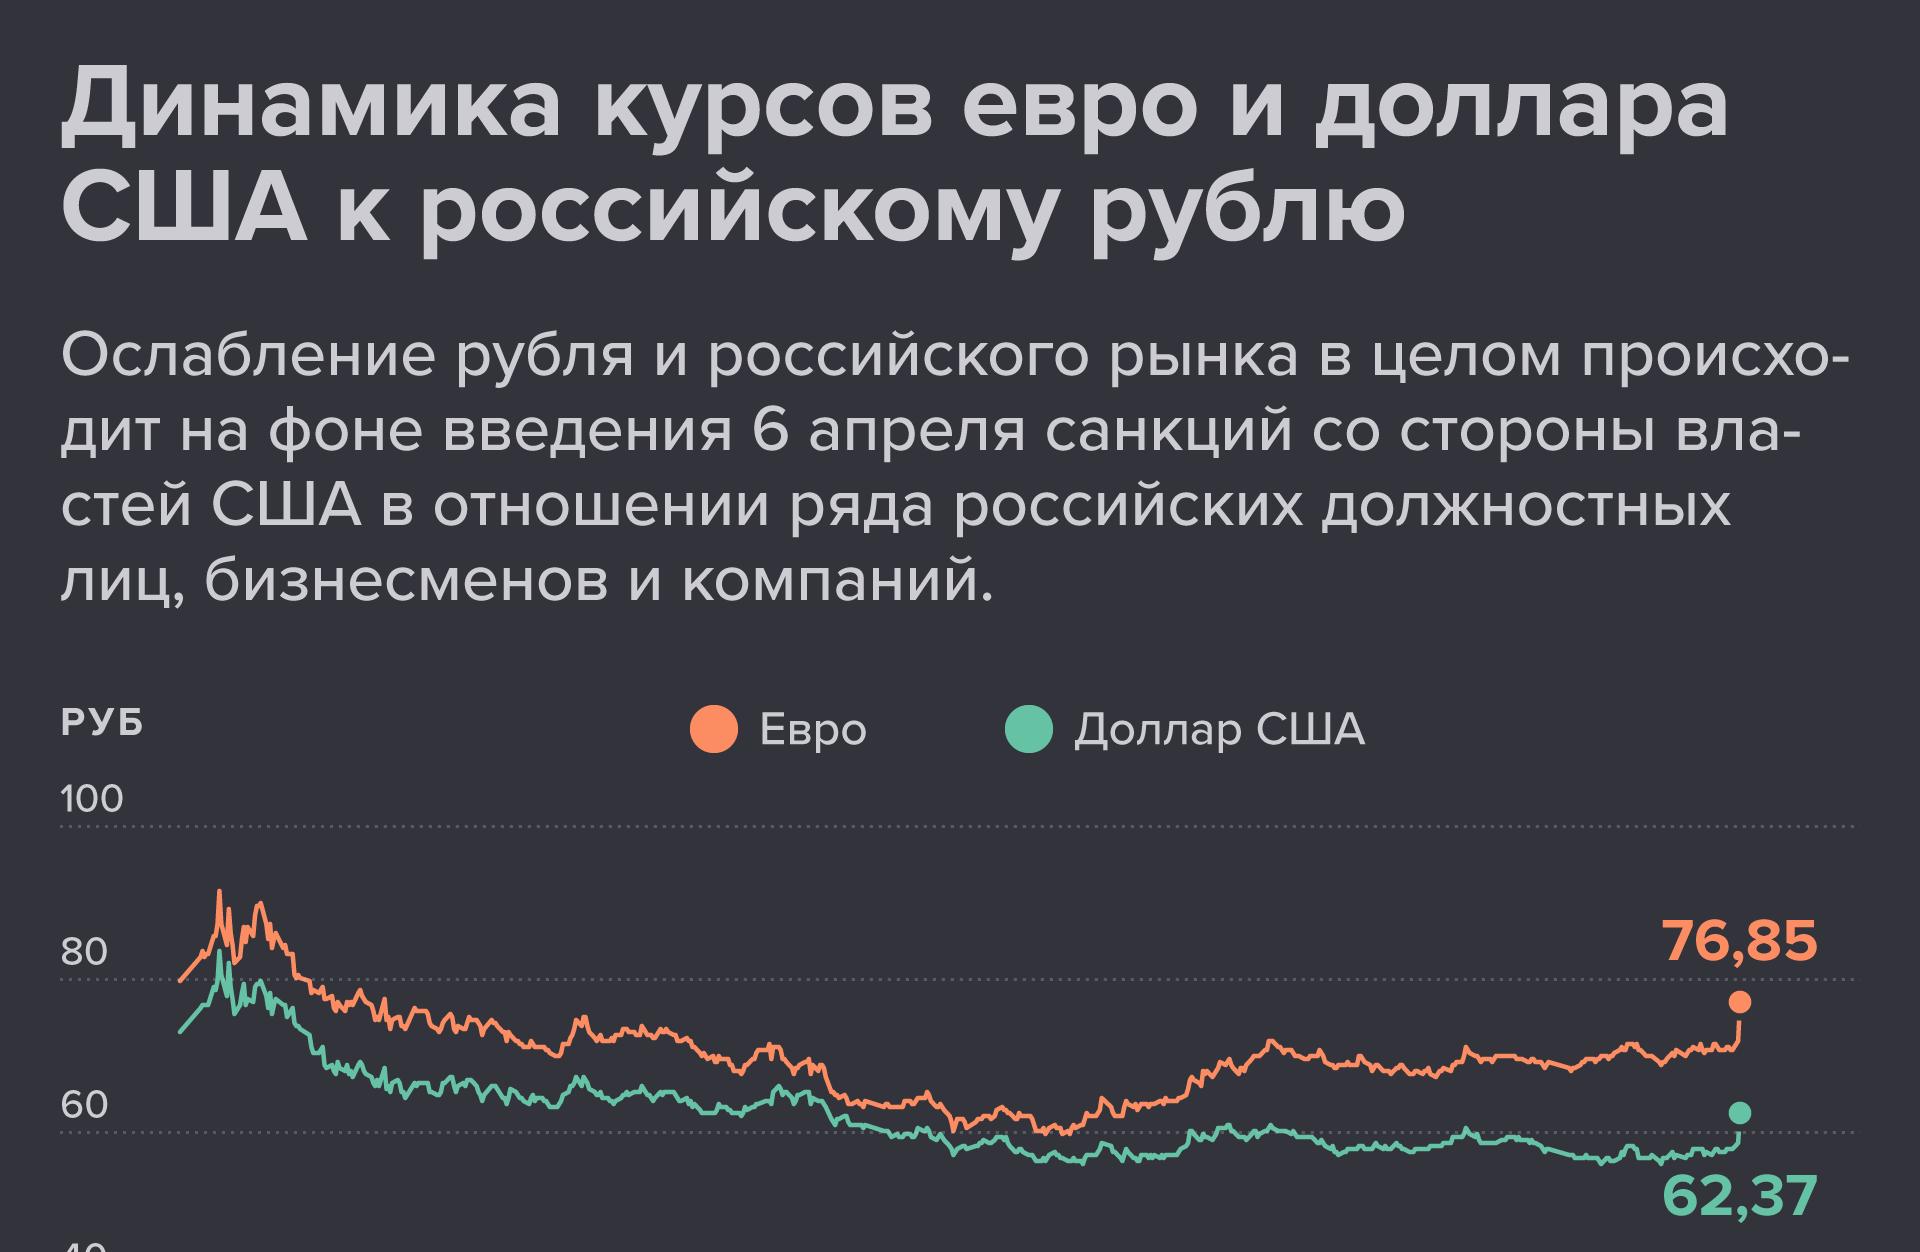 Динамика курсов евро и доллара США к российскому рублю